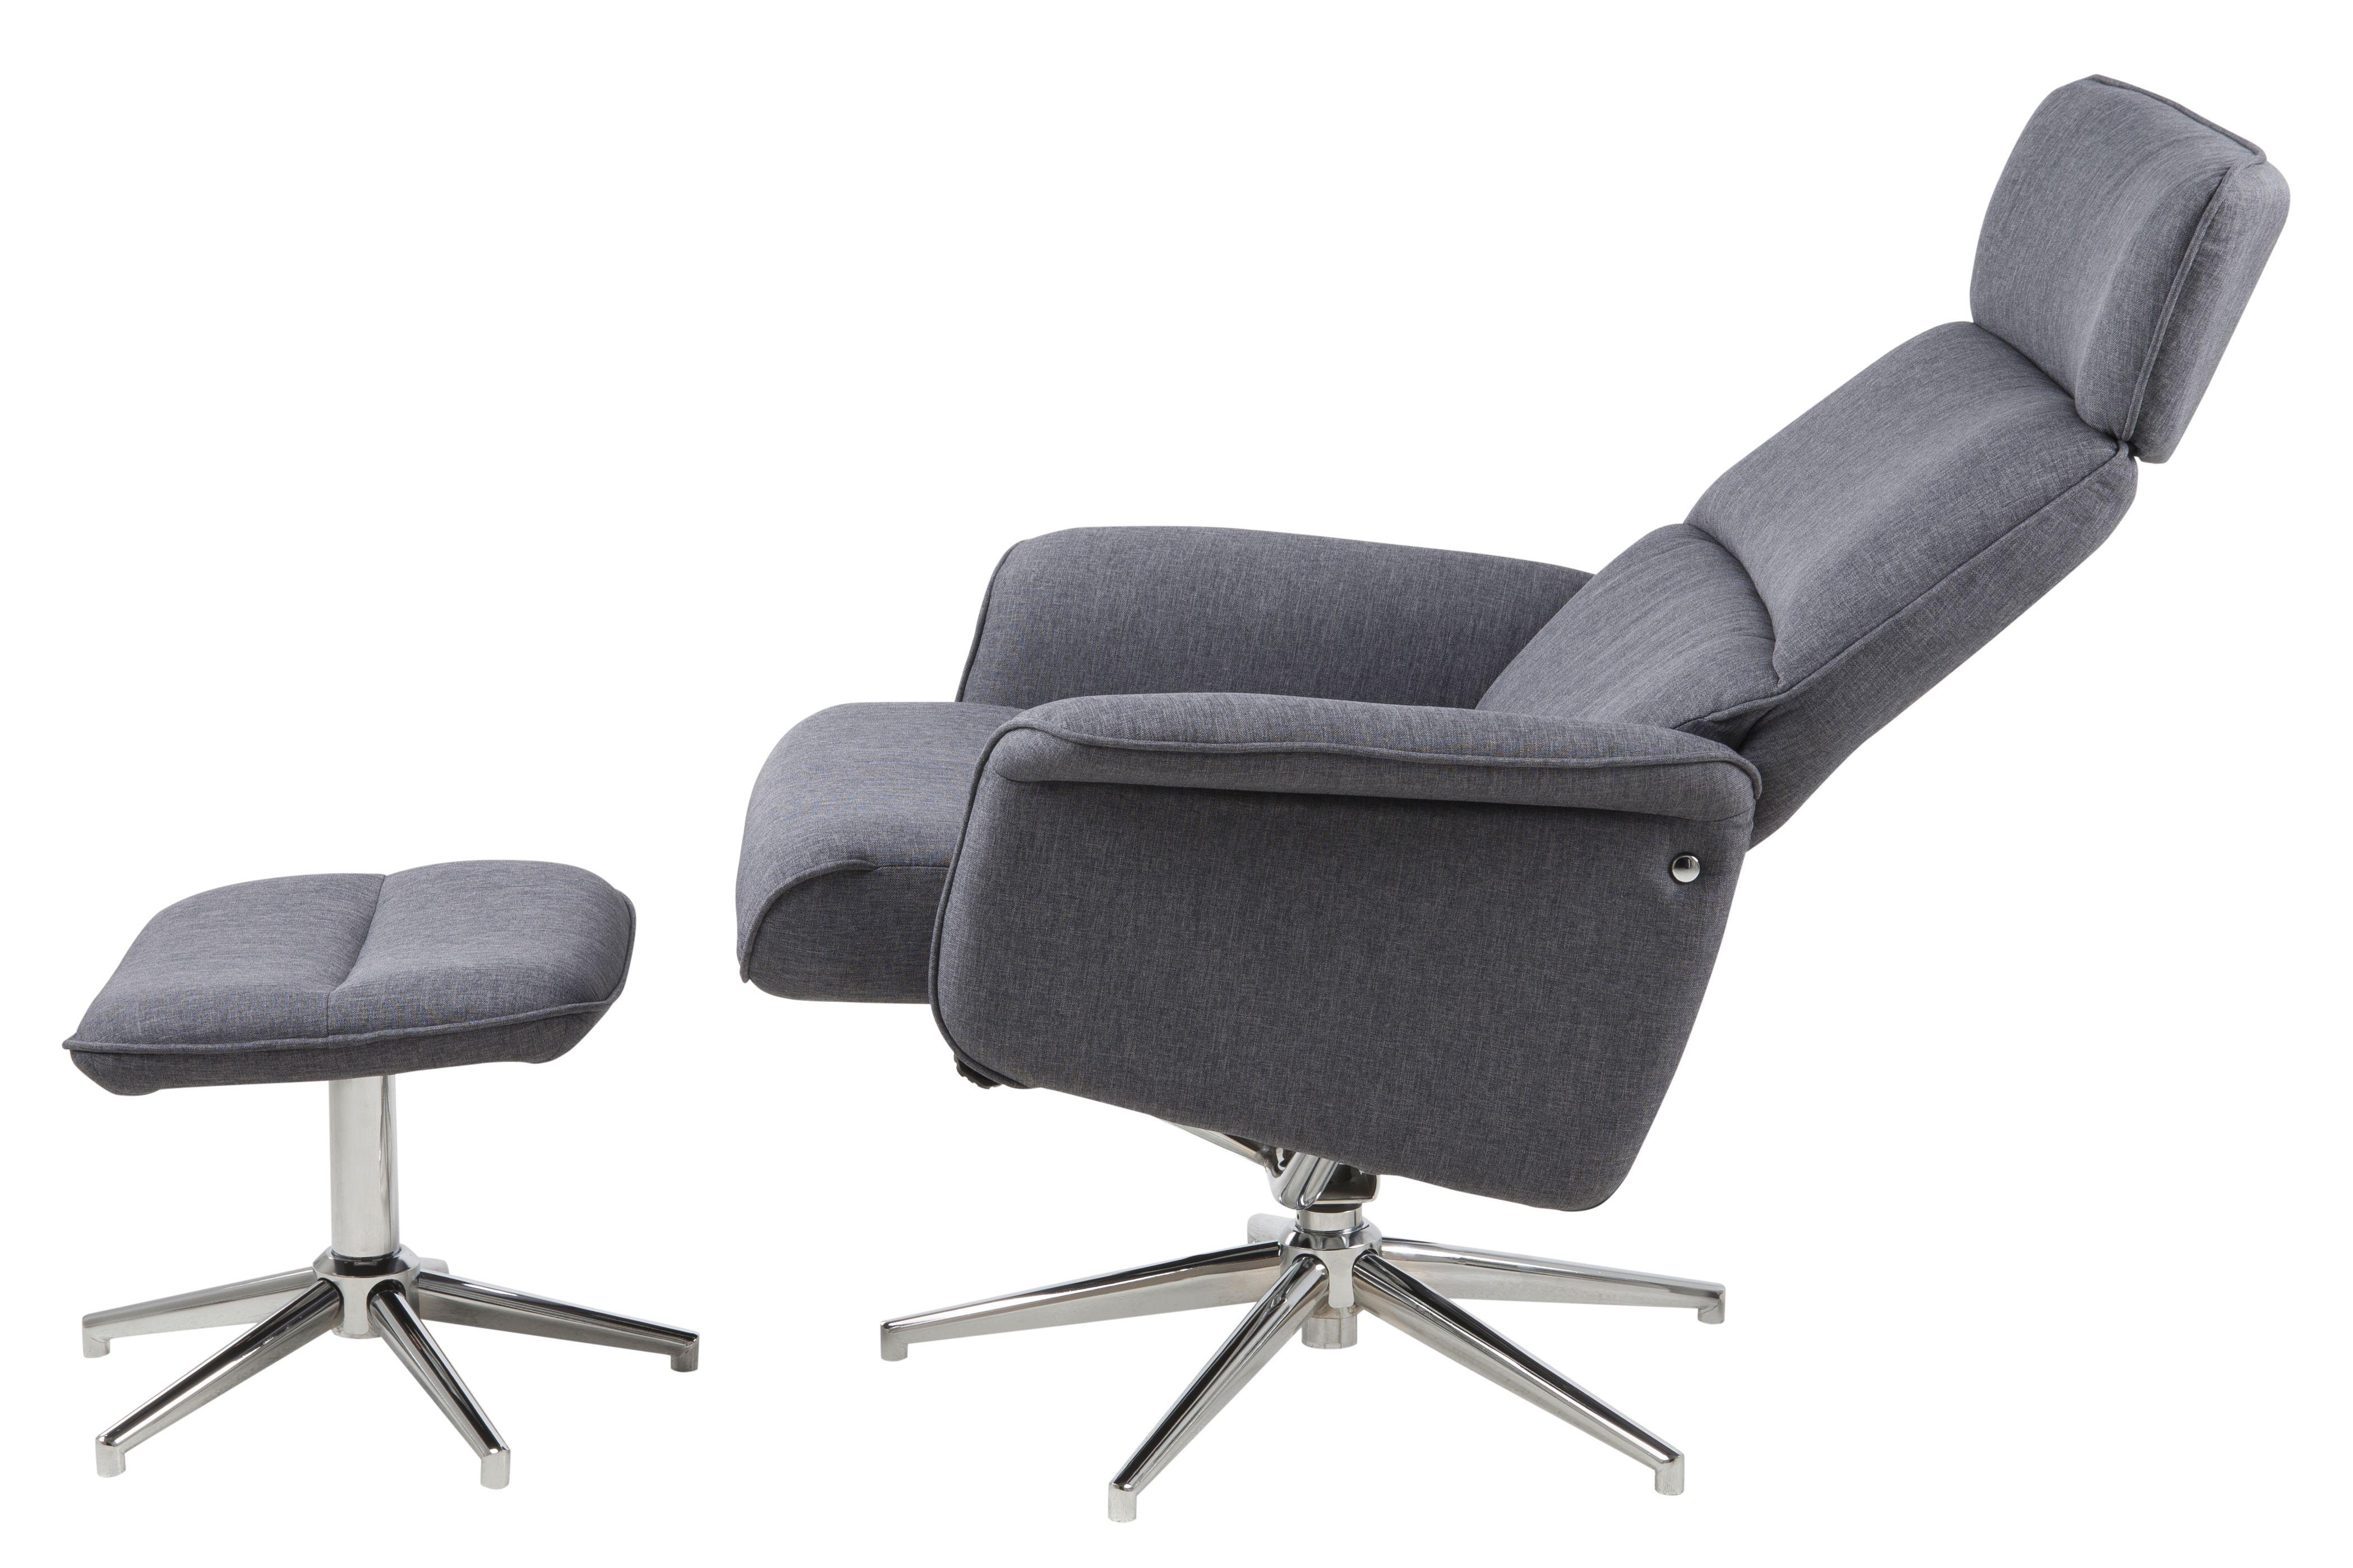 abyen-fauteuil-hocker-2